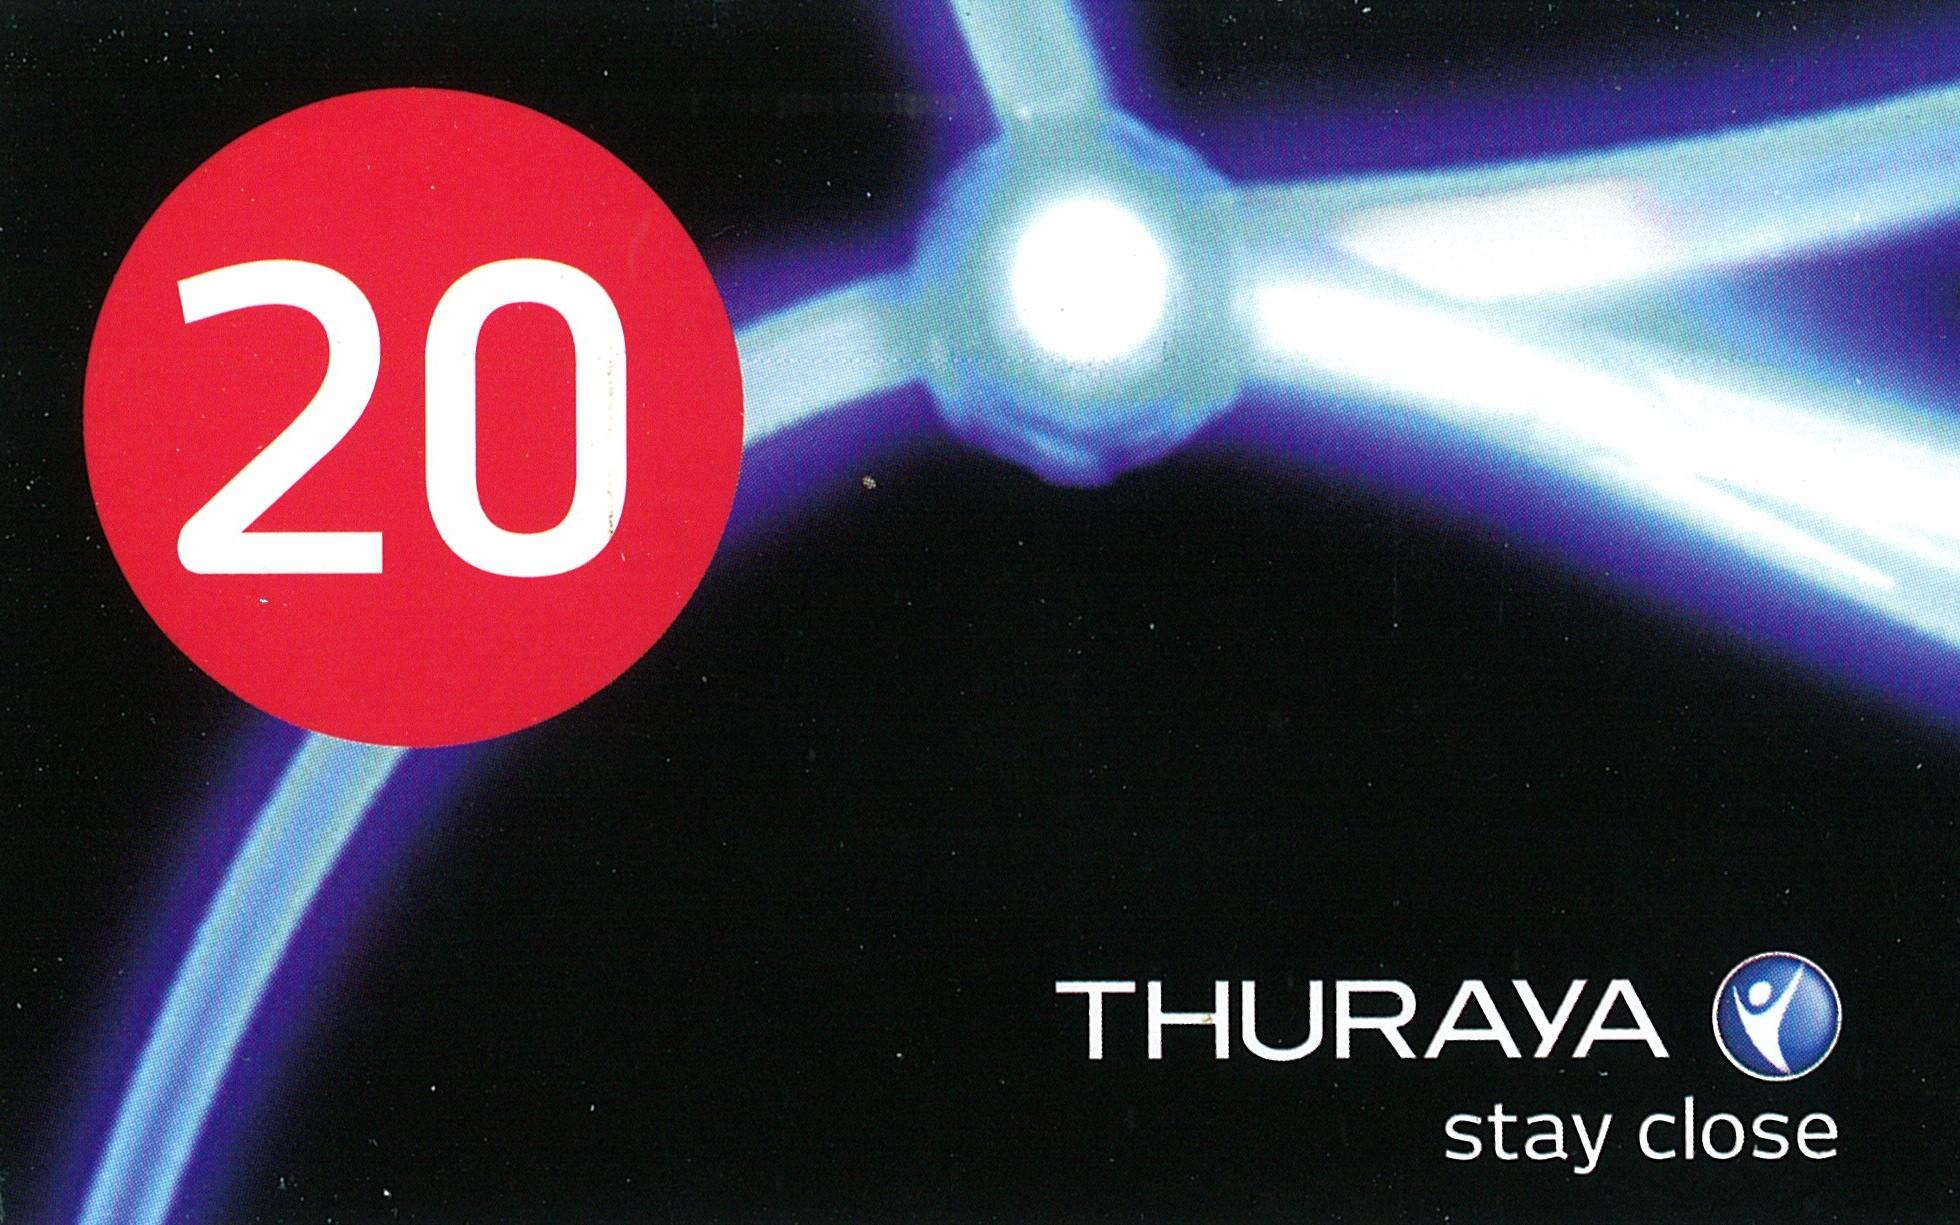 Recharge virtuelle Thuraya 20 unités